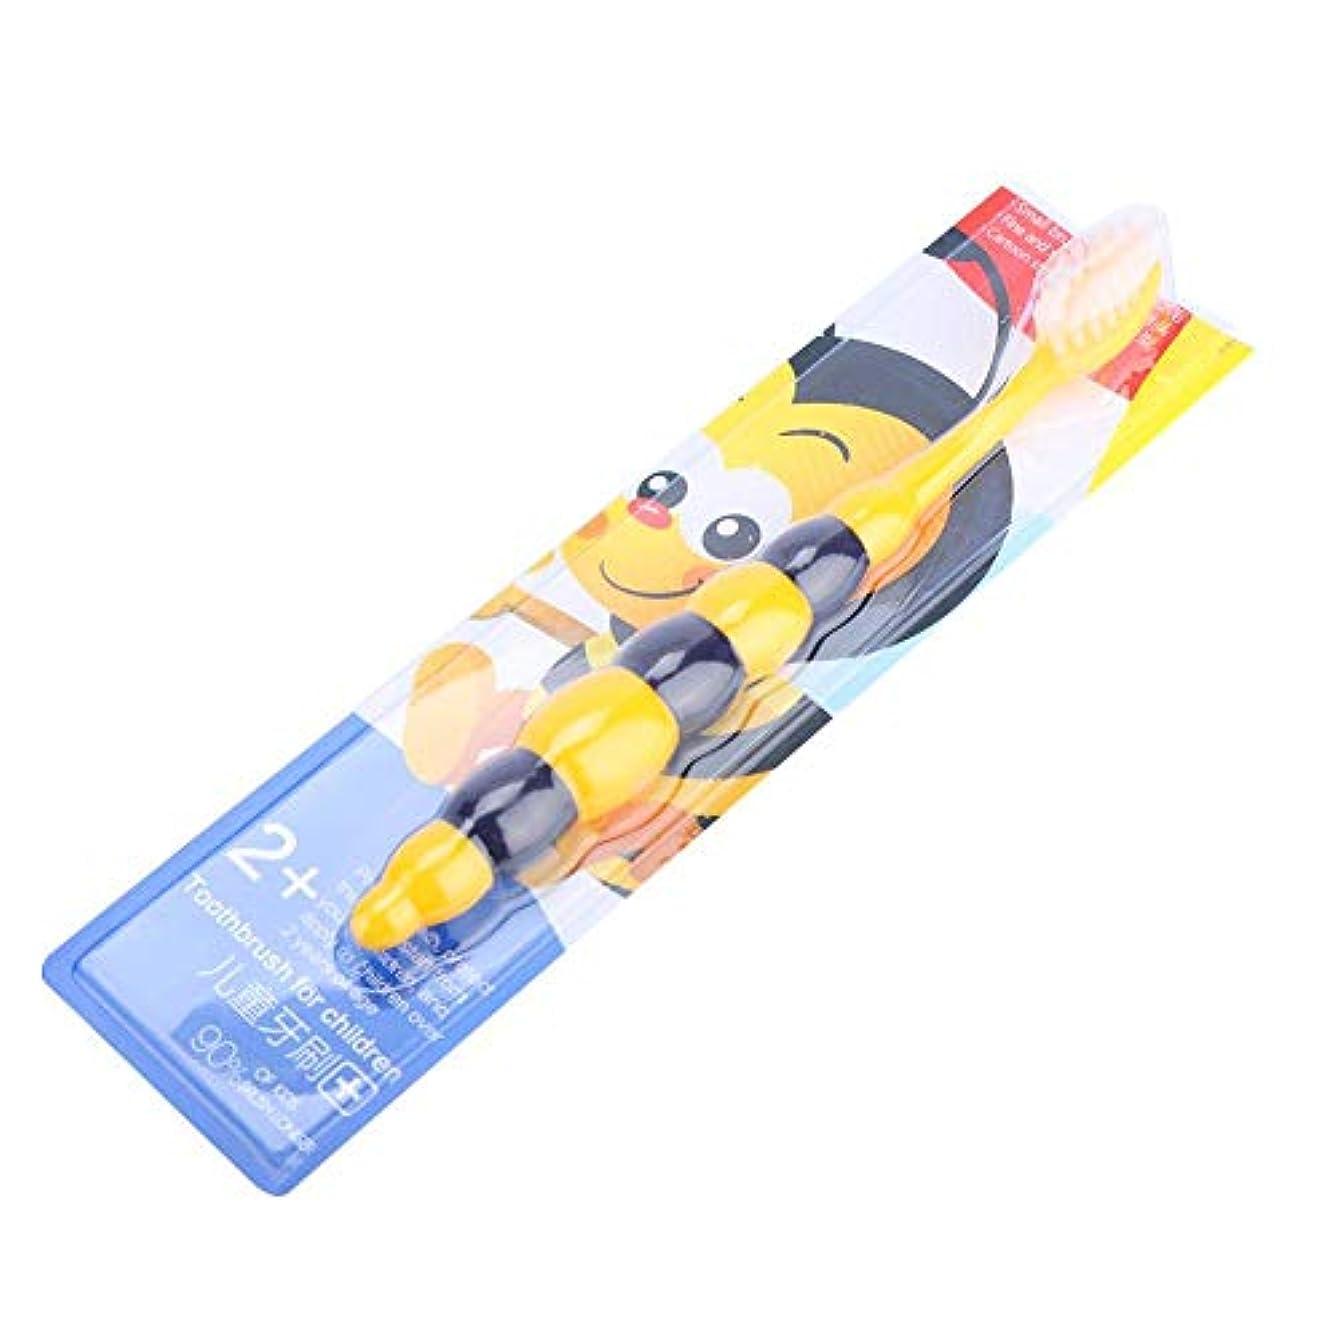 ブラウス本逆歯ブラシの子供の柔らかい毛のかわいい口頭心配用具